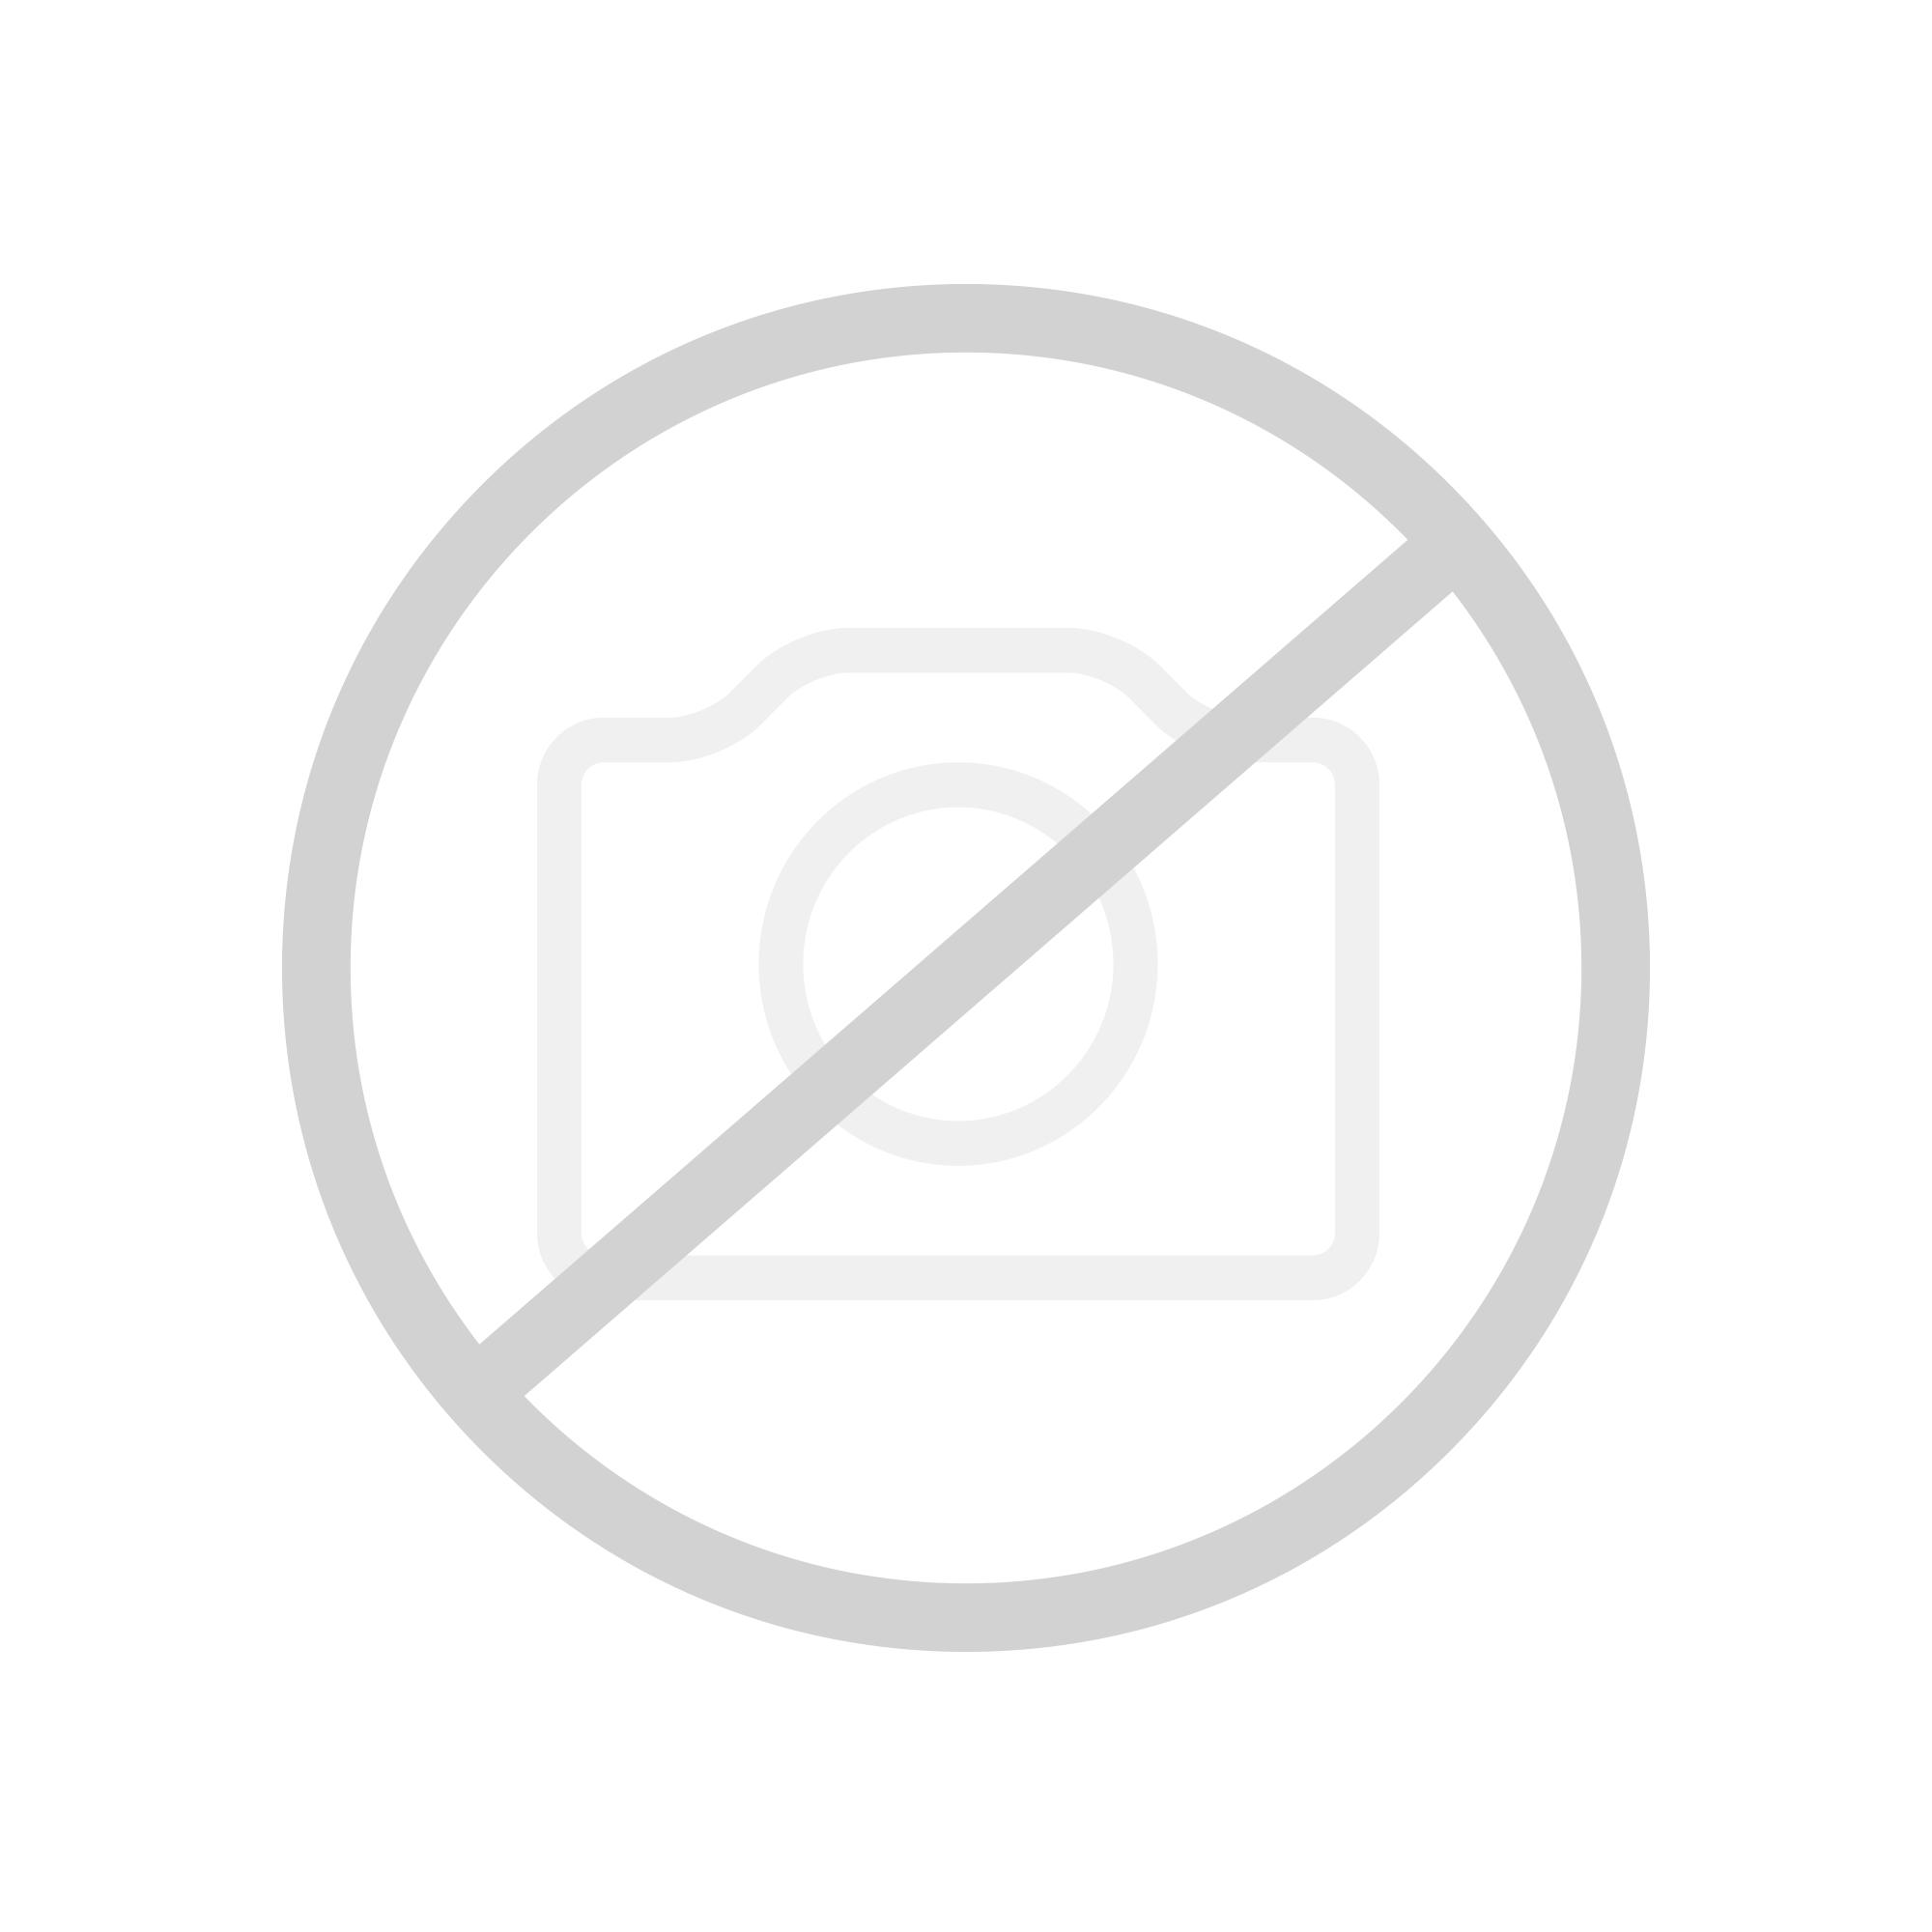 Zierath Pinto Lichtspiegel mit LED-Beleuchtung